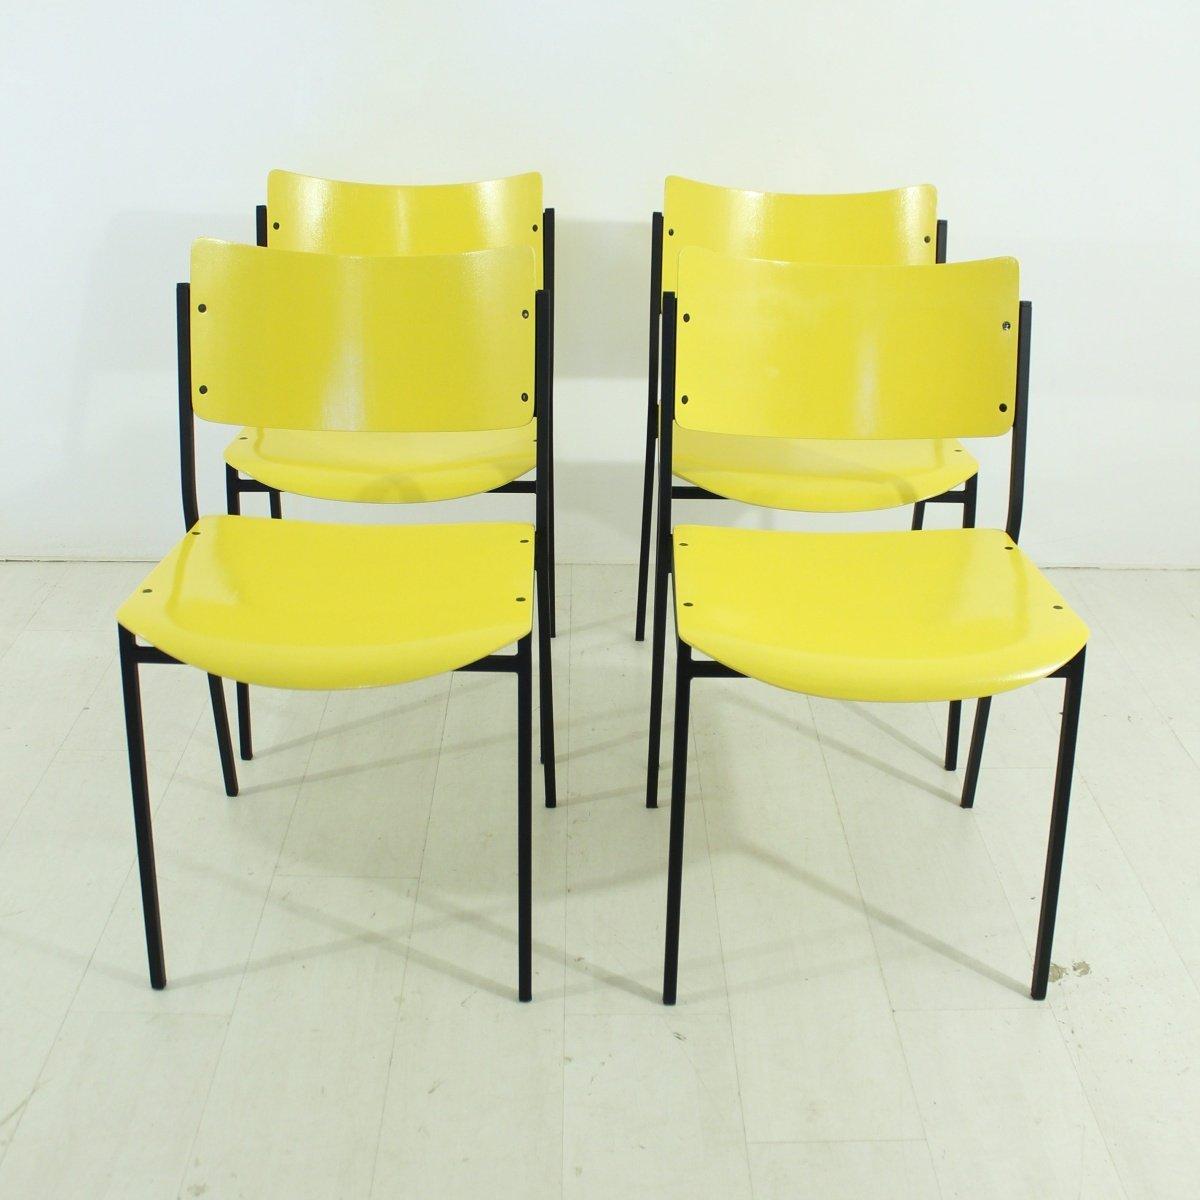 chaises jaunes 1960s set de 4 en vente sur pamono. Black Bedroom Furniture Sets. Home Design Ideas